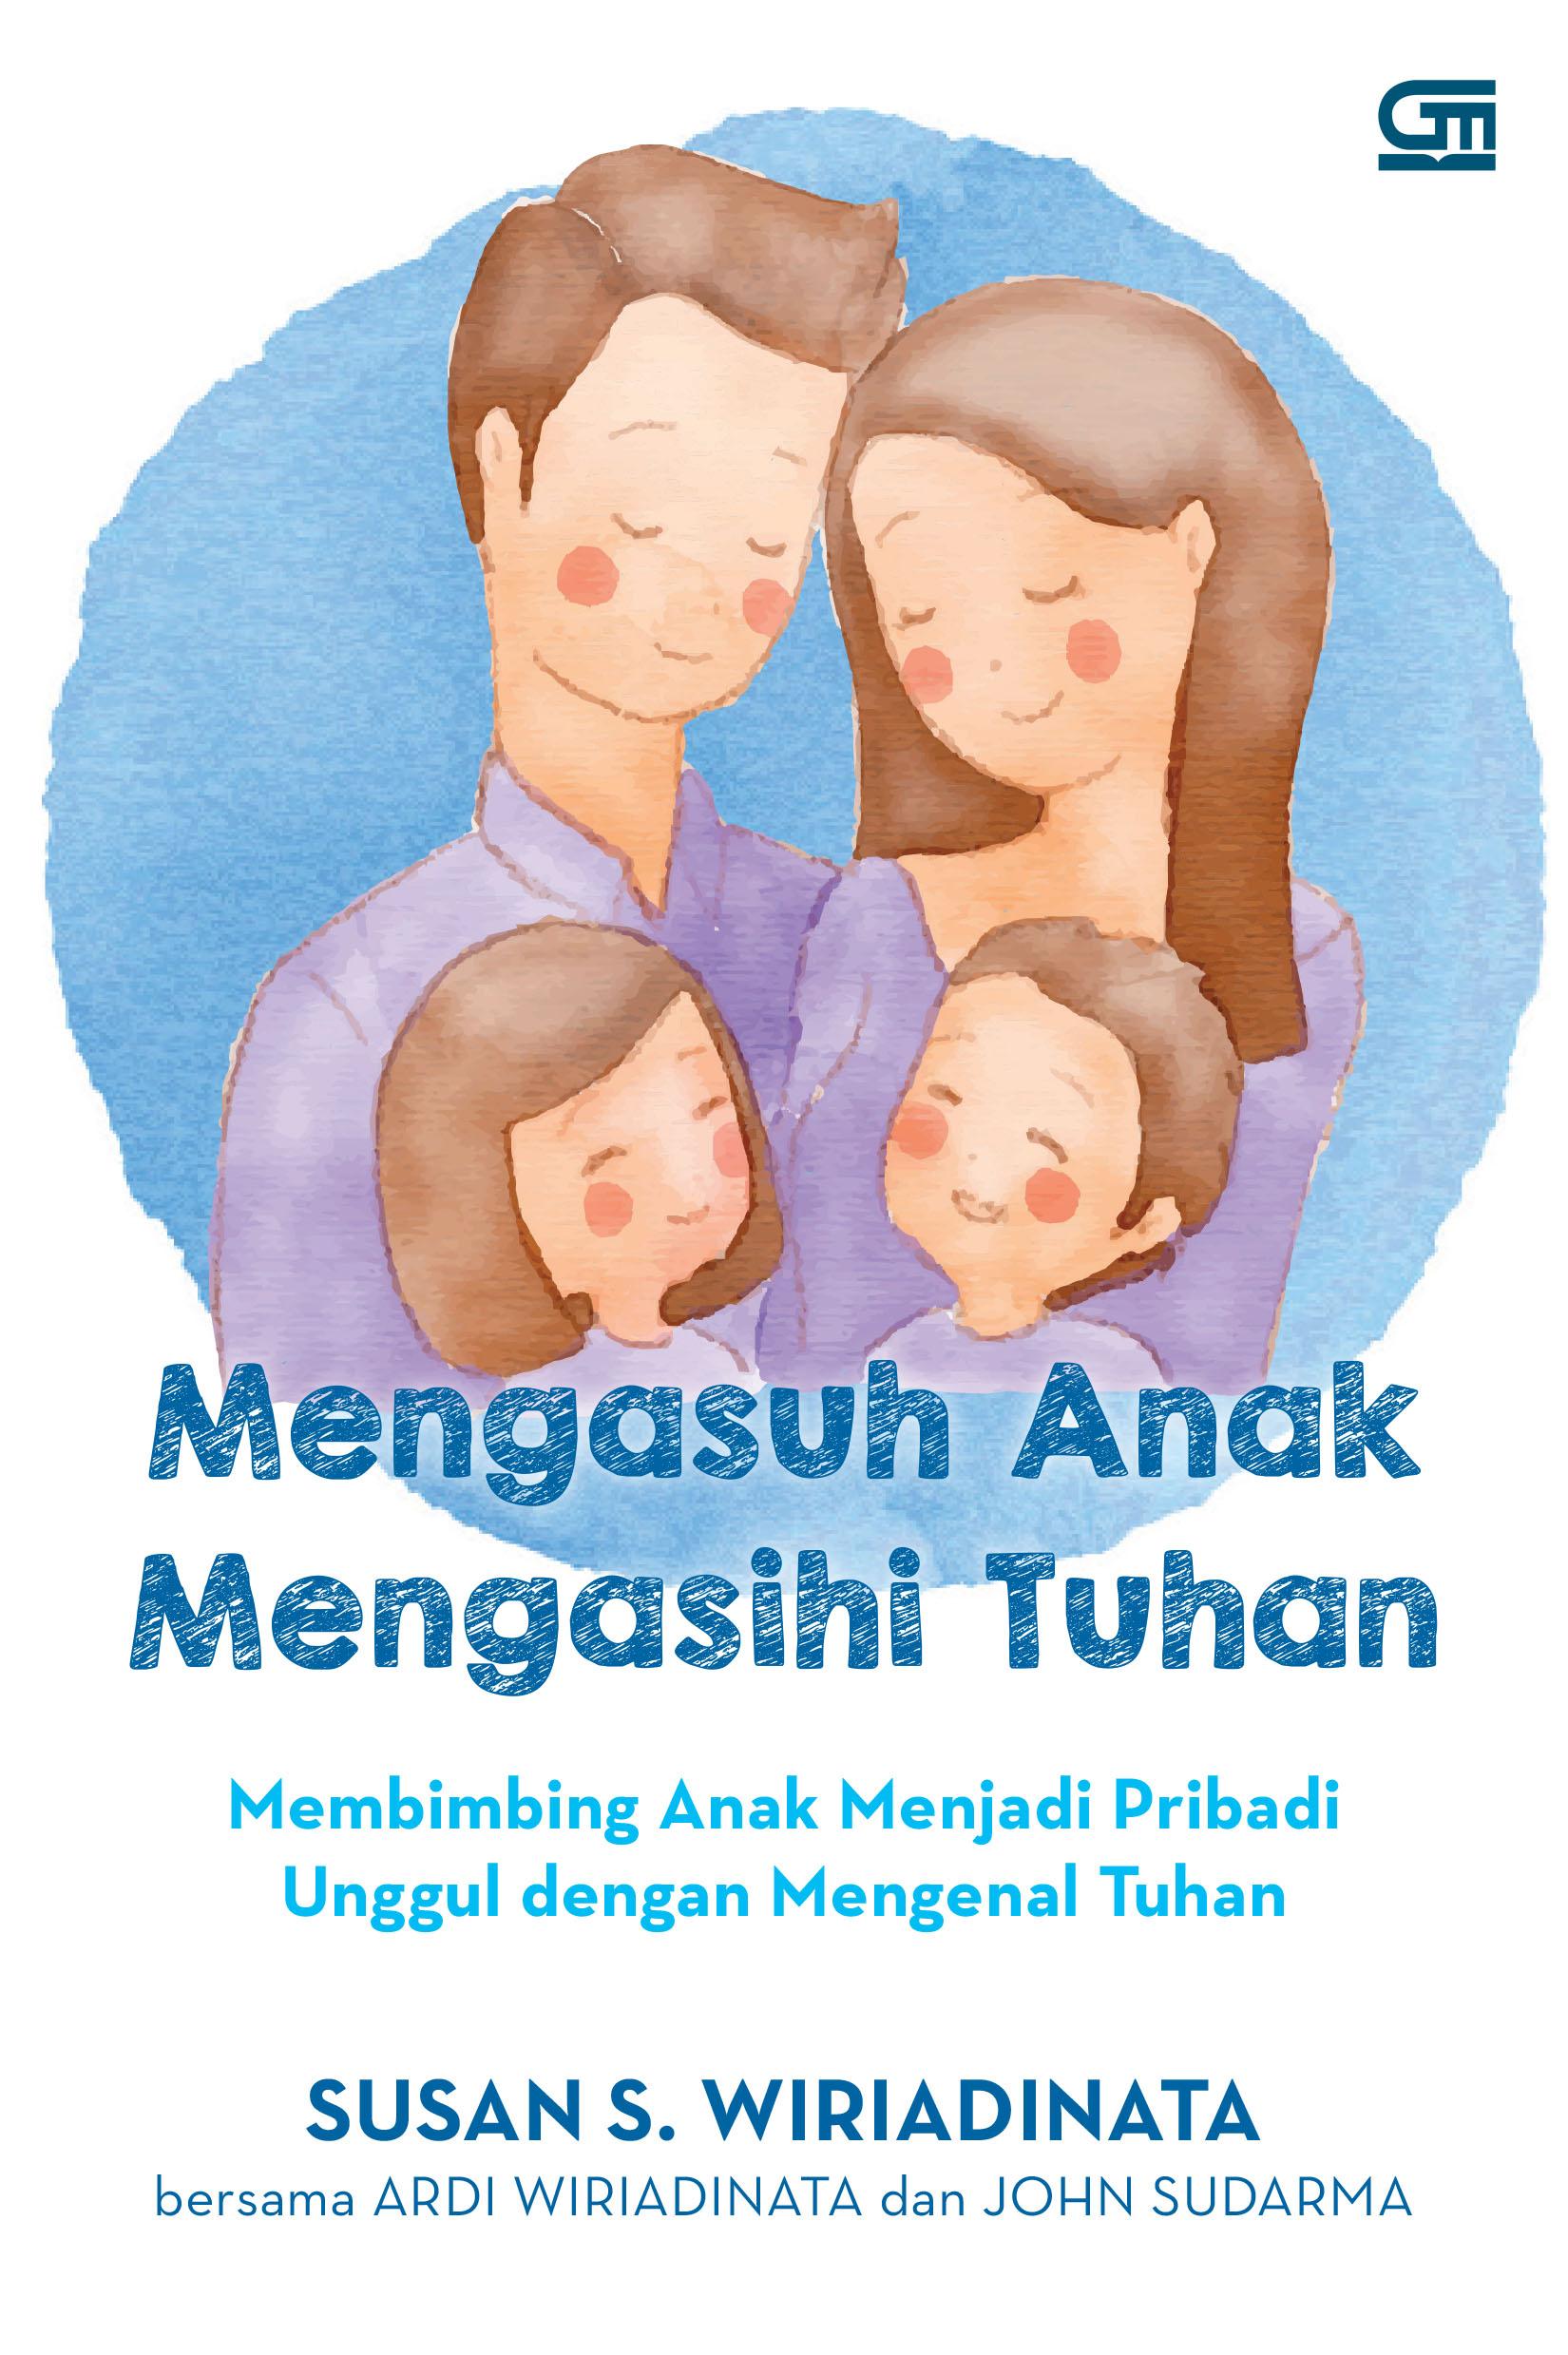 Mengasuh Anak, Mengasihi Tuhan